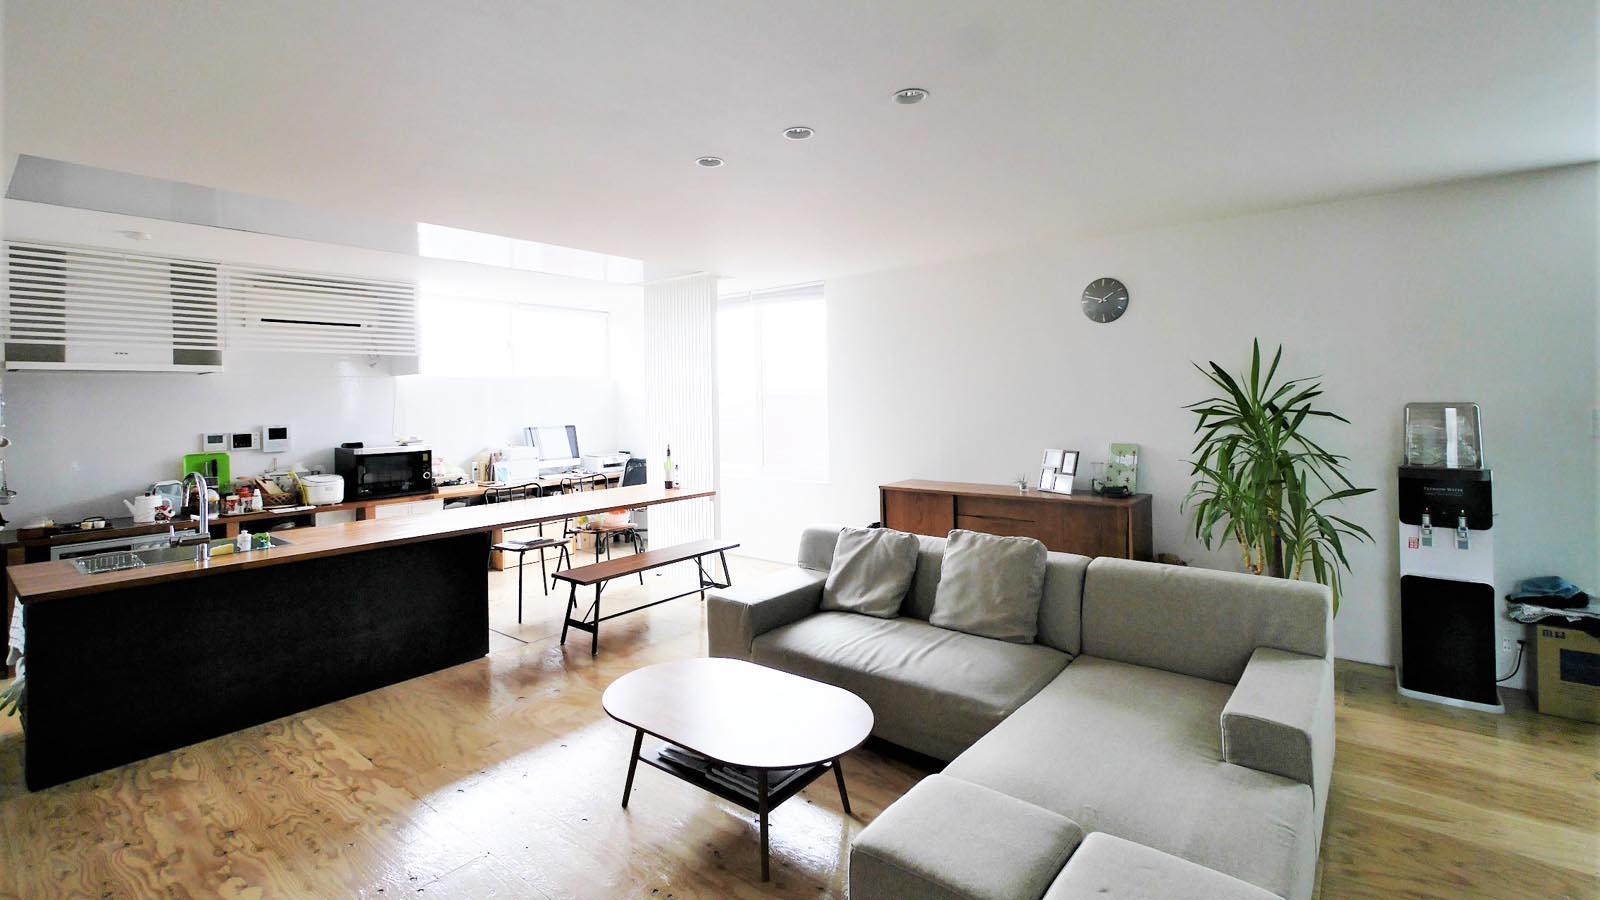 柔らかい光と自然な空気感で満たされた家 (横浜市青葉区さつきが丘の物件) - 東京R不動産